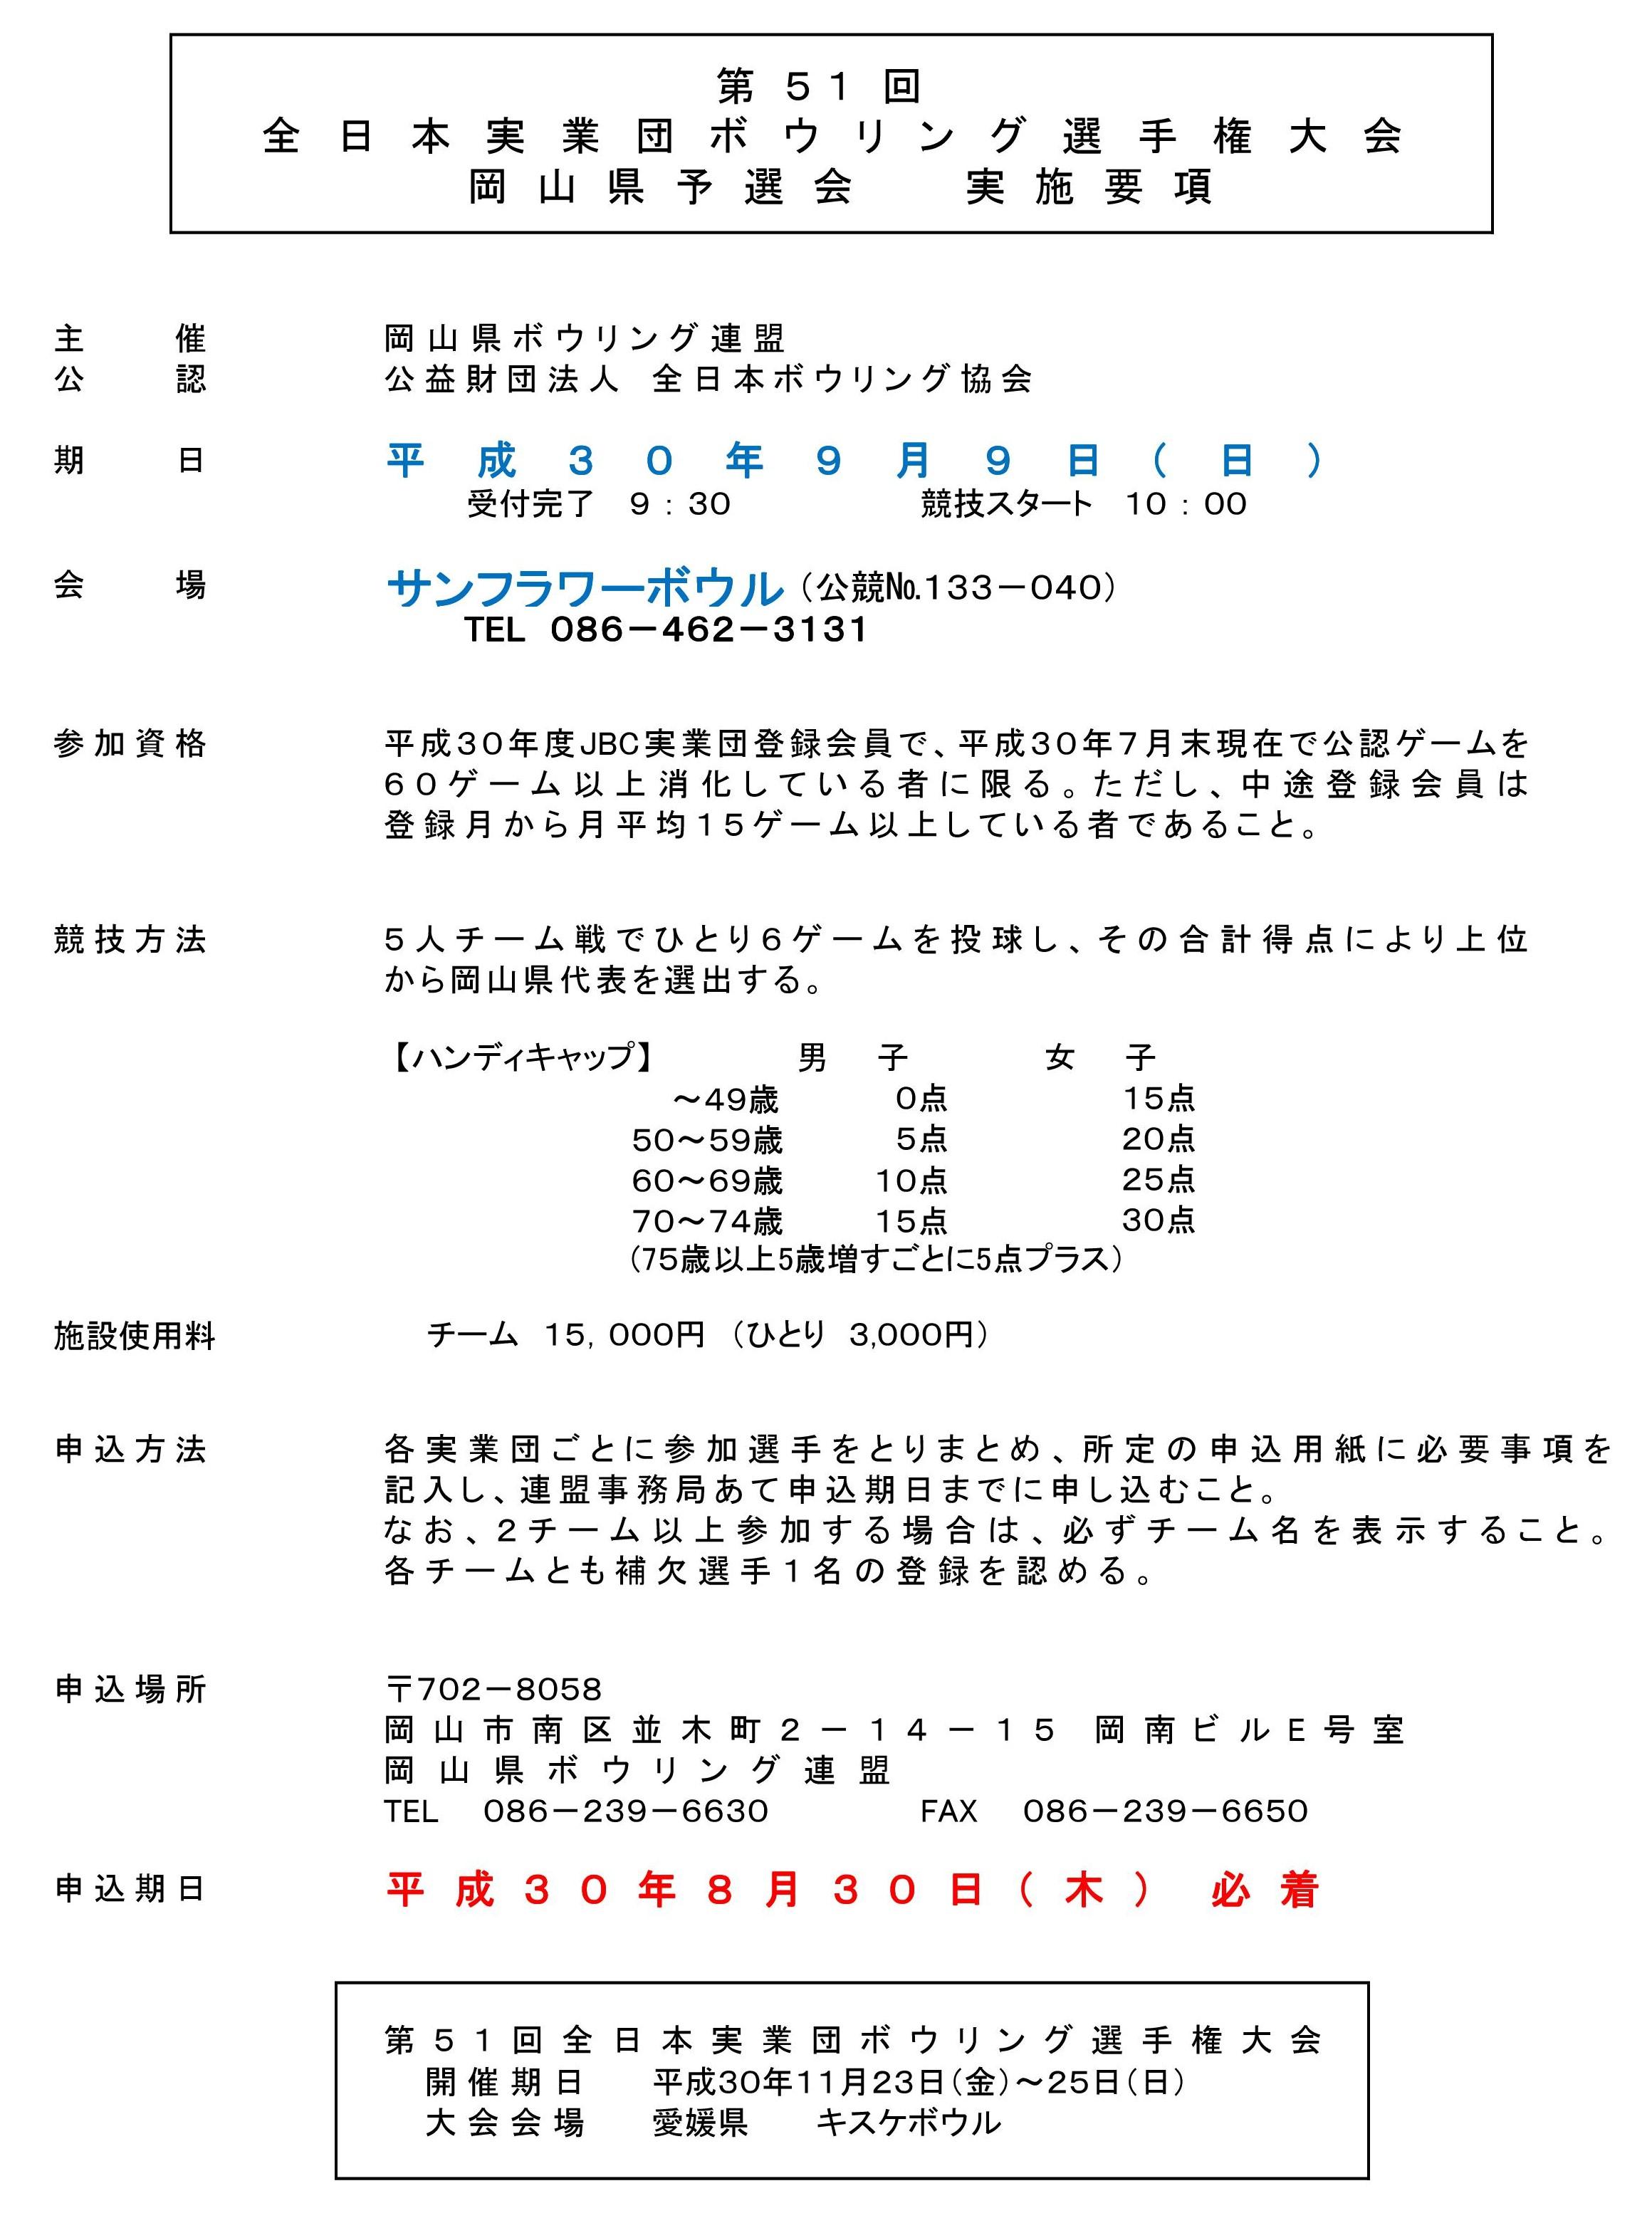 19.全日本実業団県予選会.jpg